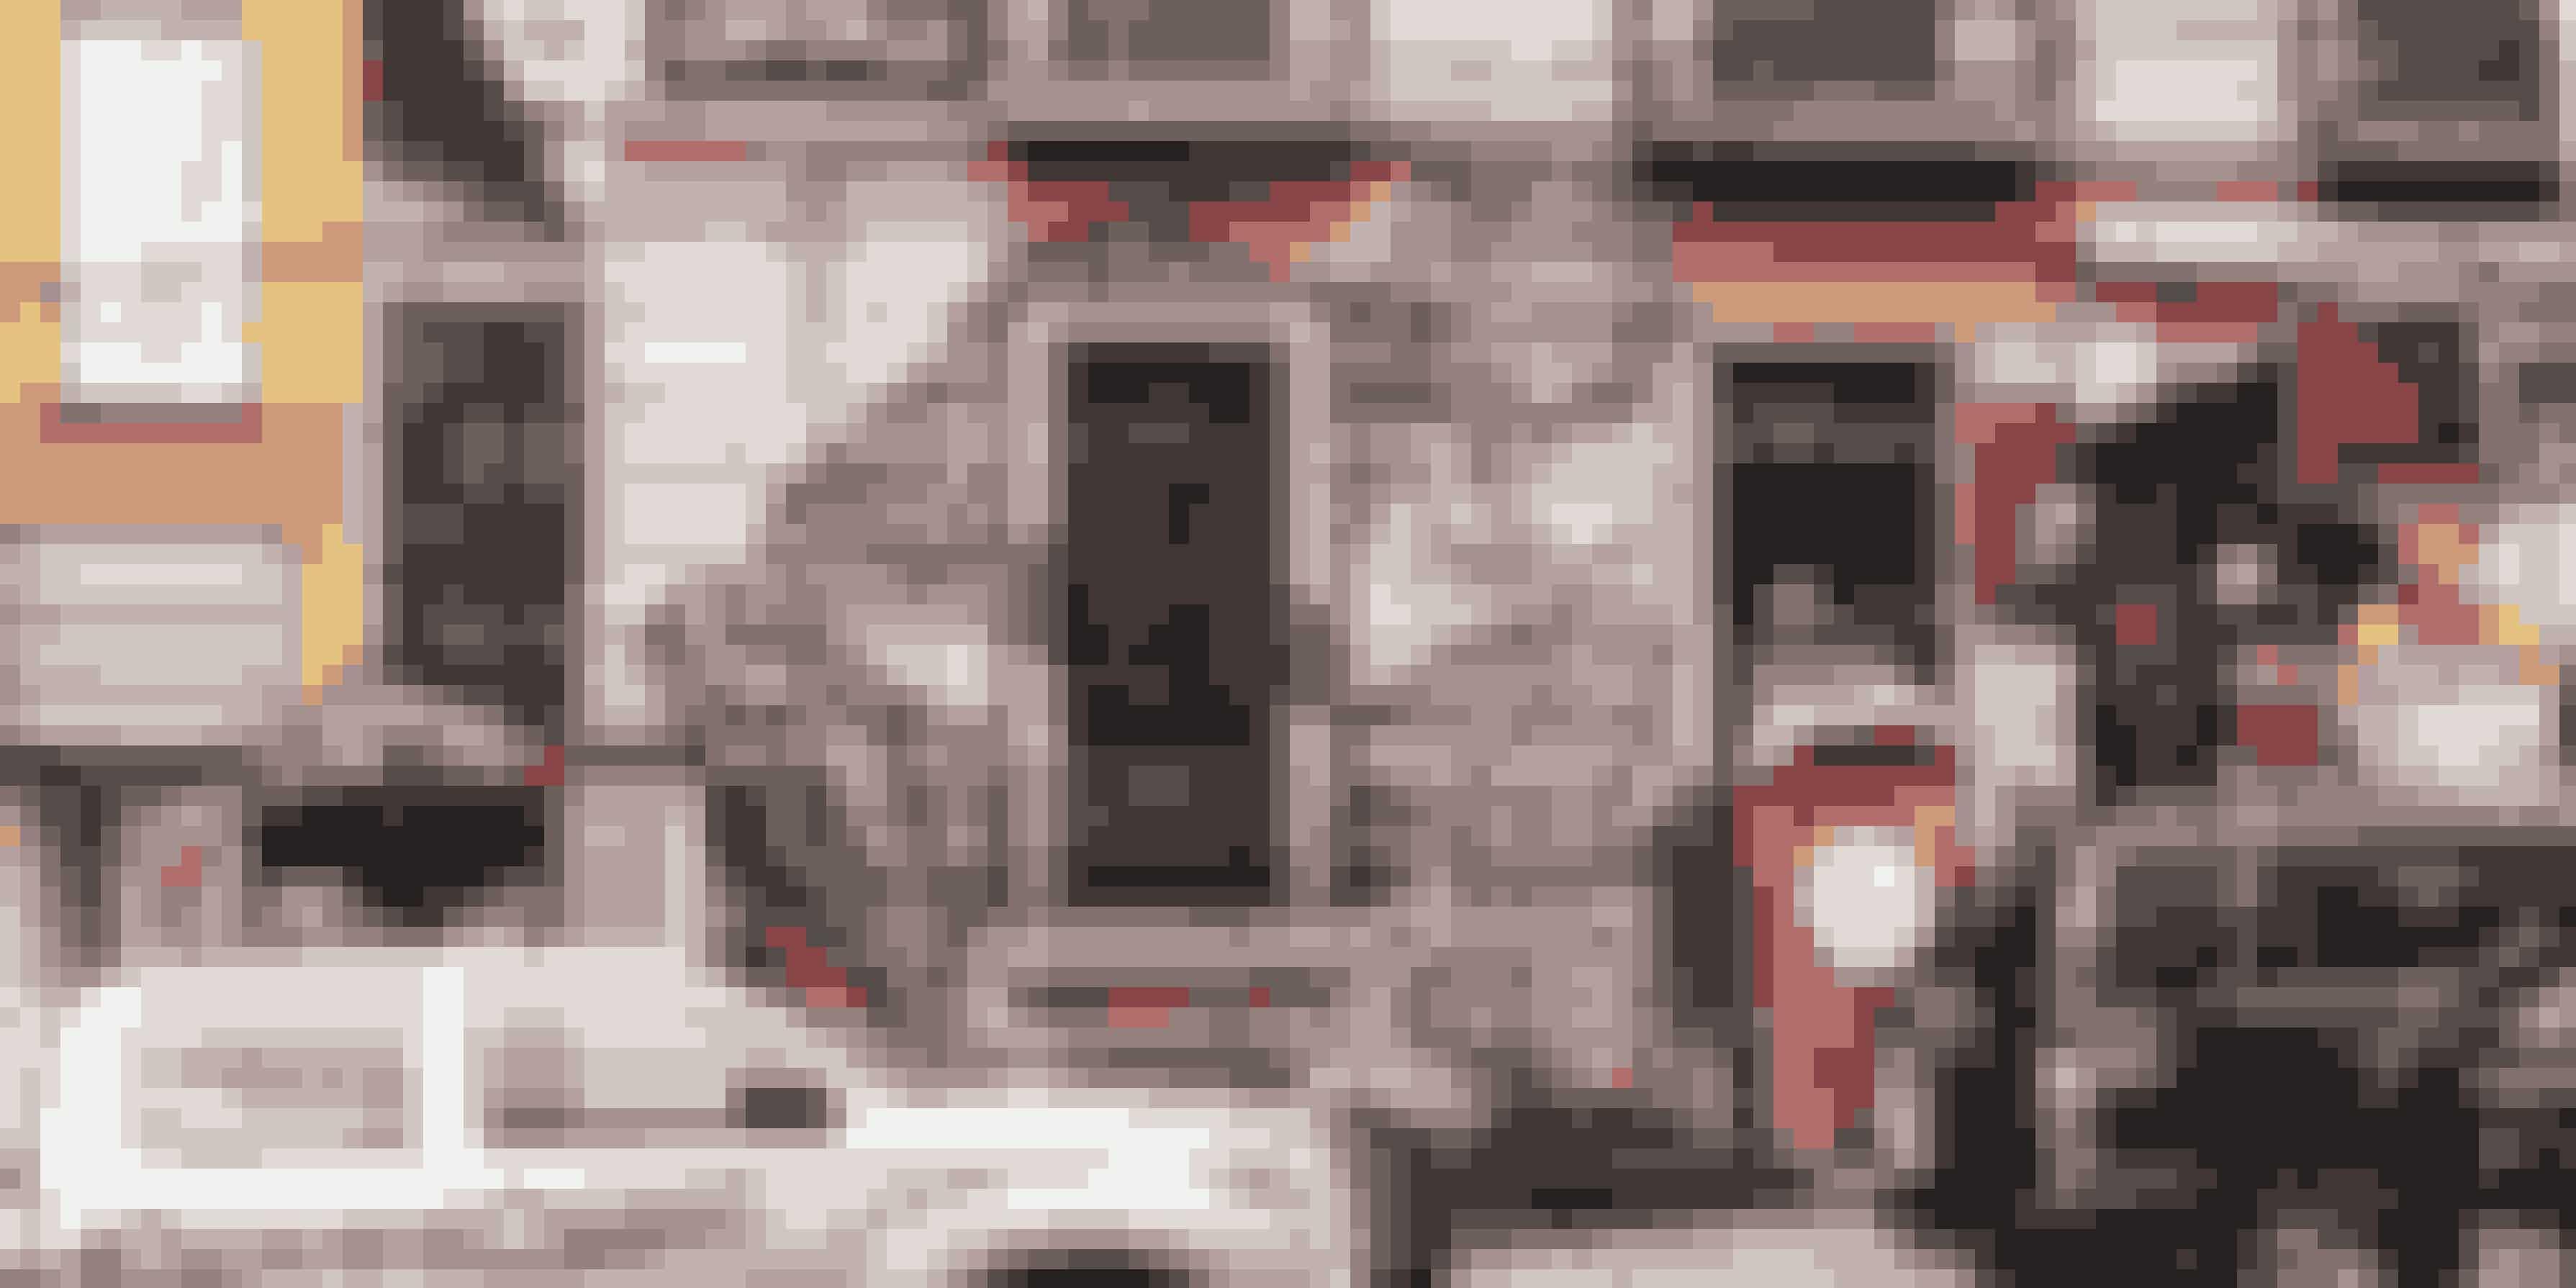 I byens bohemekvarter, Sopocachi, er mange huse kulørte og dekoreret med malerier.